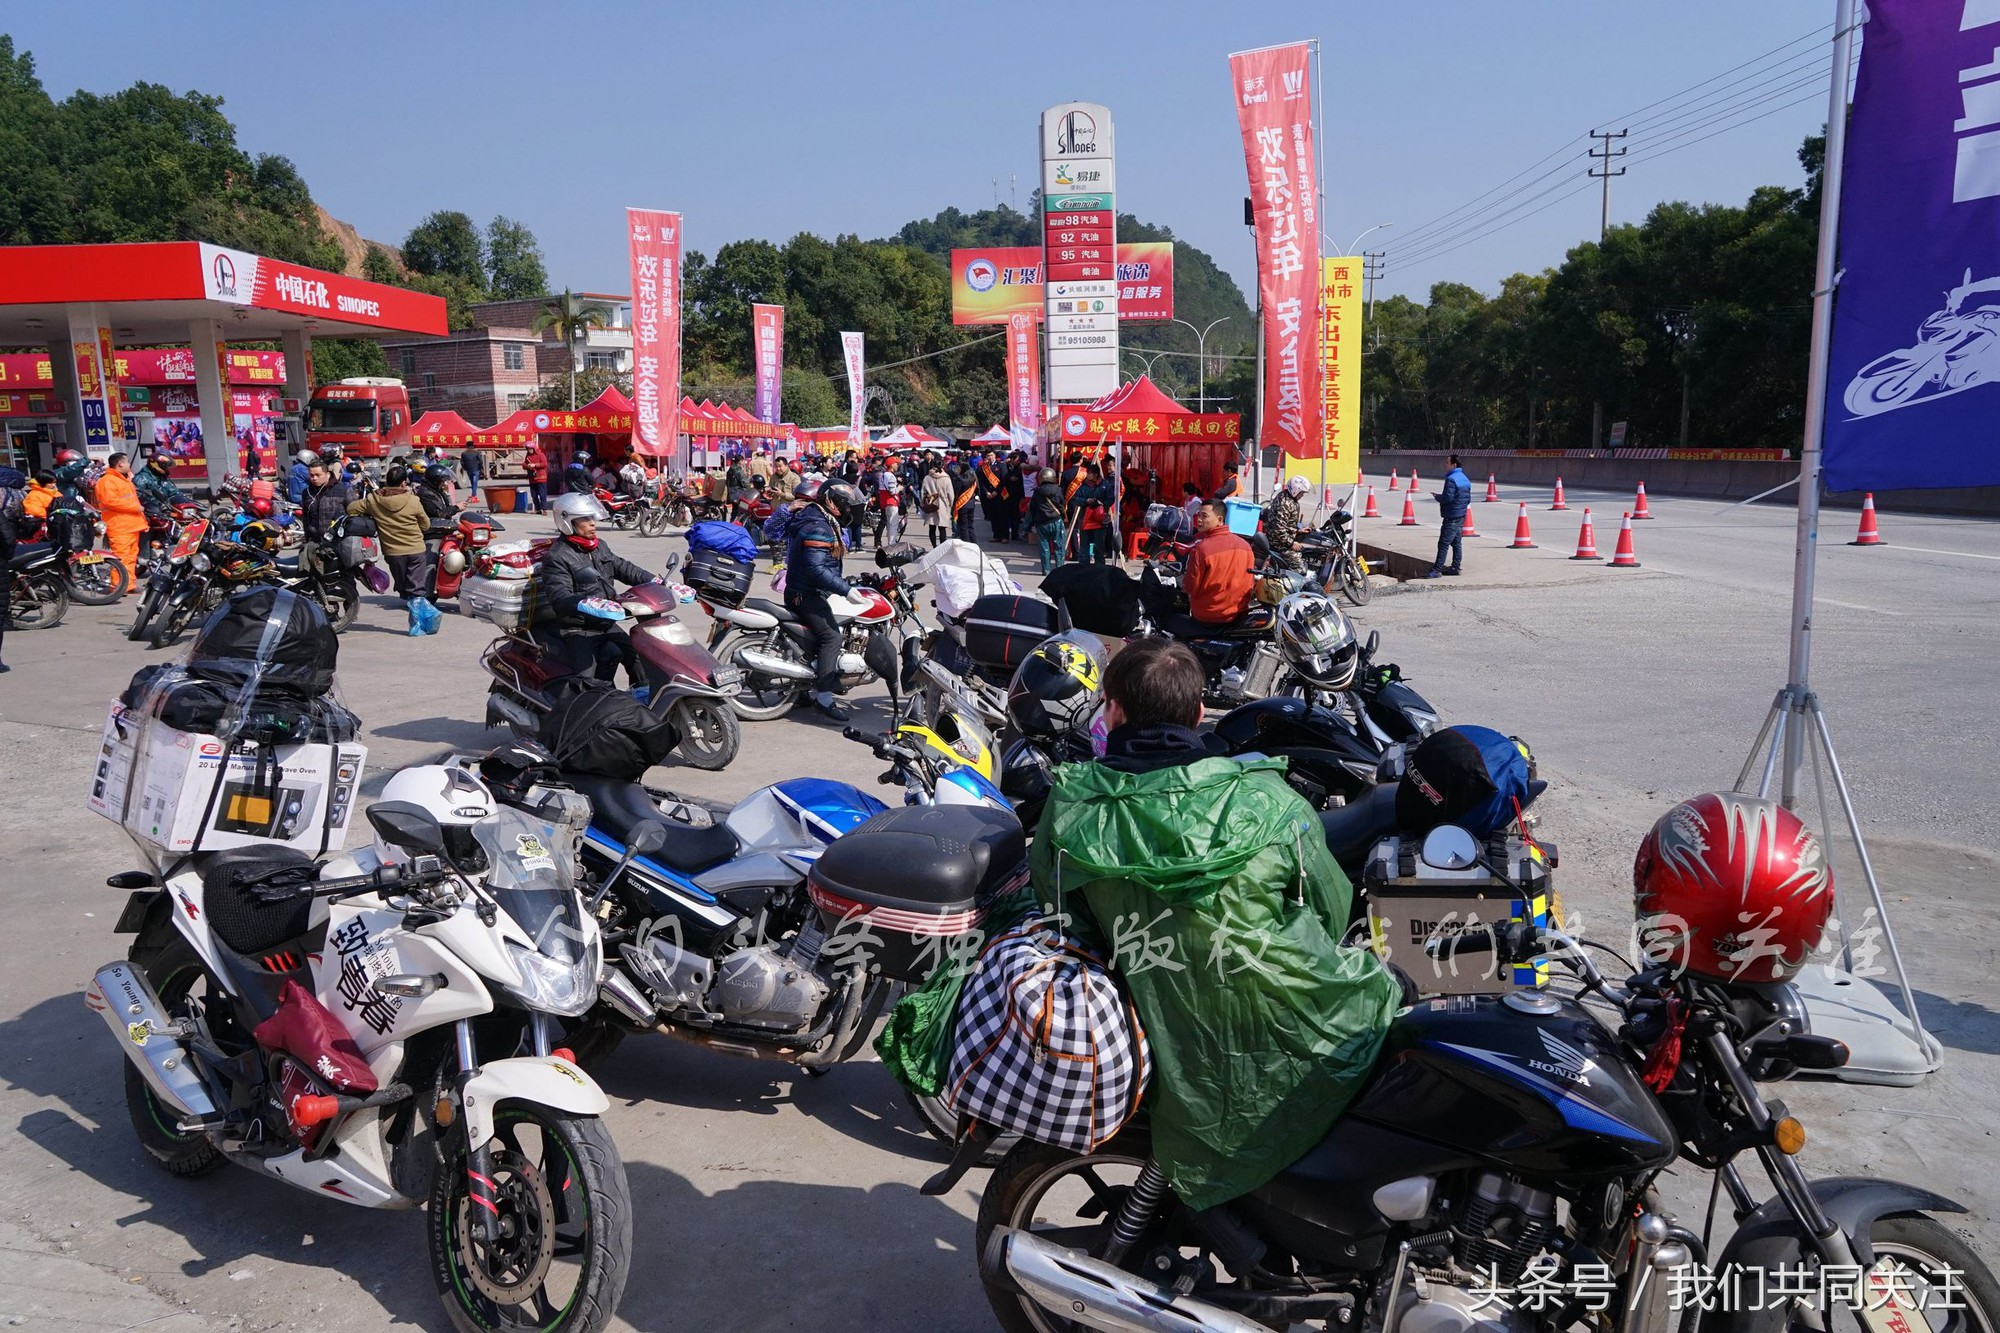 Ngán ngẩm cảnh đông đúc tại nhà xe bến tàu, hàng chục nghìn người Trung Quốc phượt trăm km về quê ăn Tết - Ảnh 7.